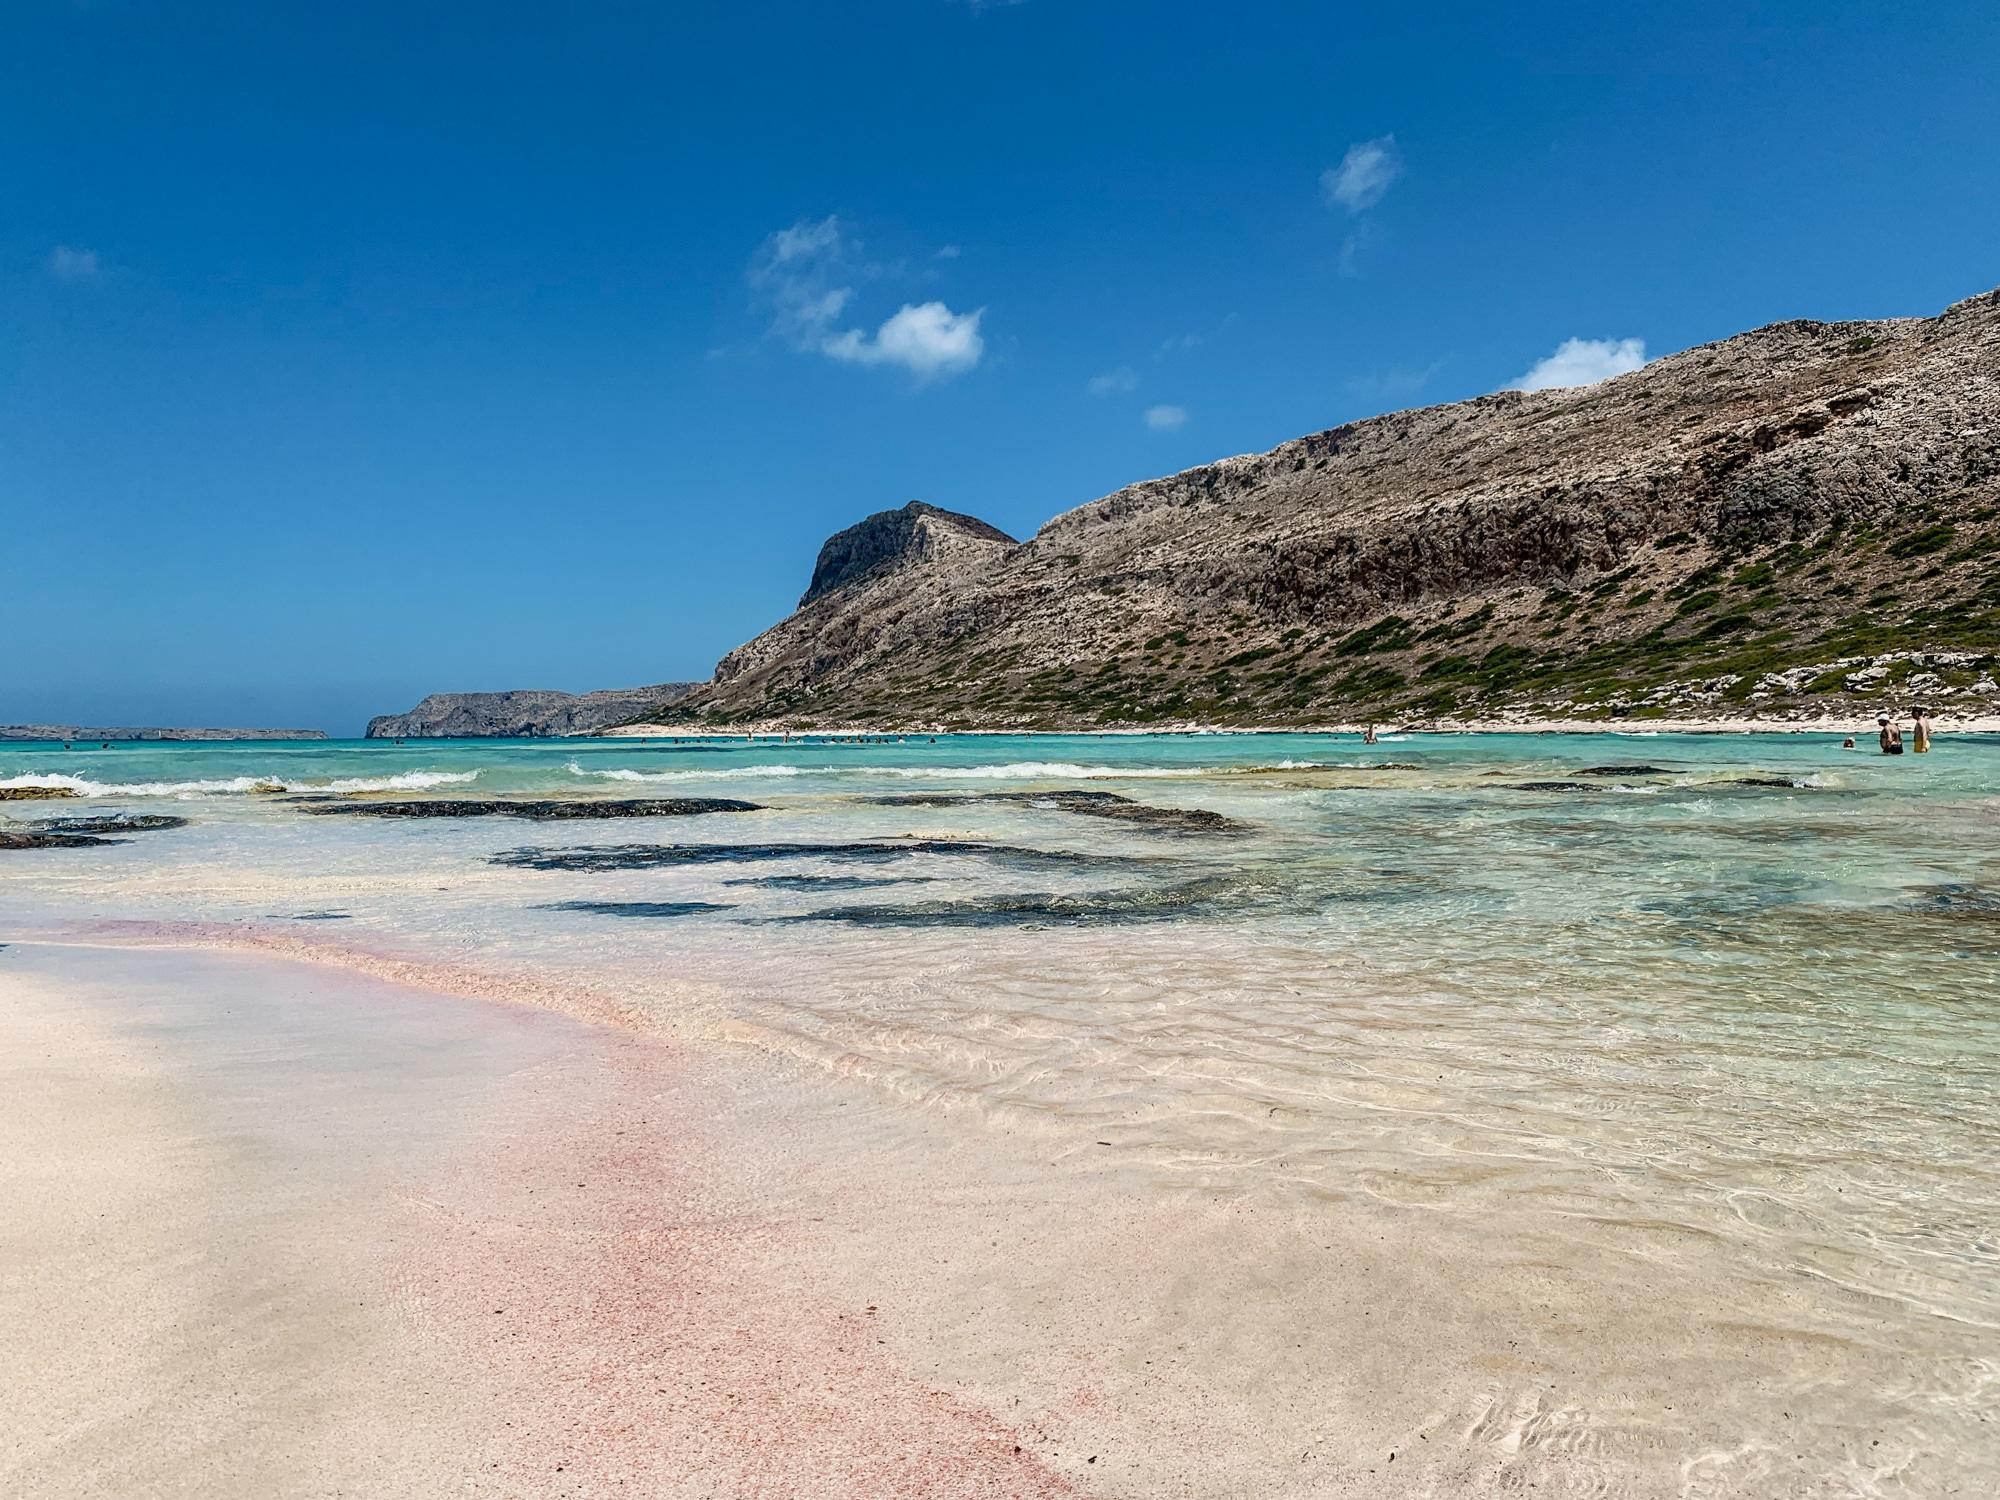 Schönste Strände auf Kreta: Das sind die sechs schönsten Kreta Strände - Balos Lagune